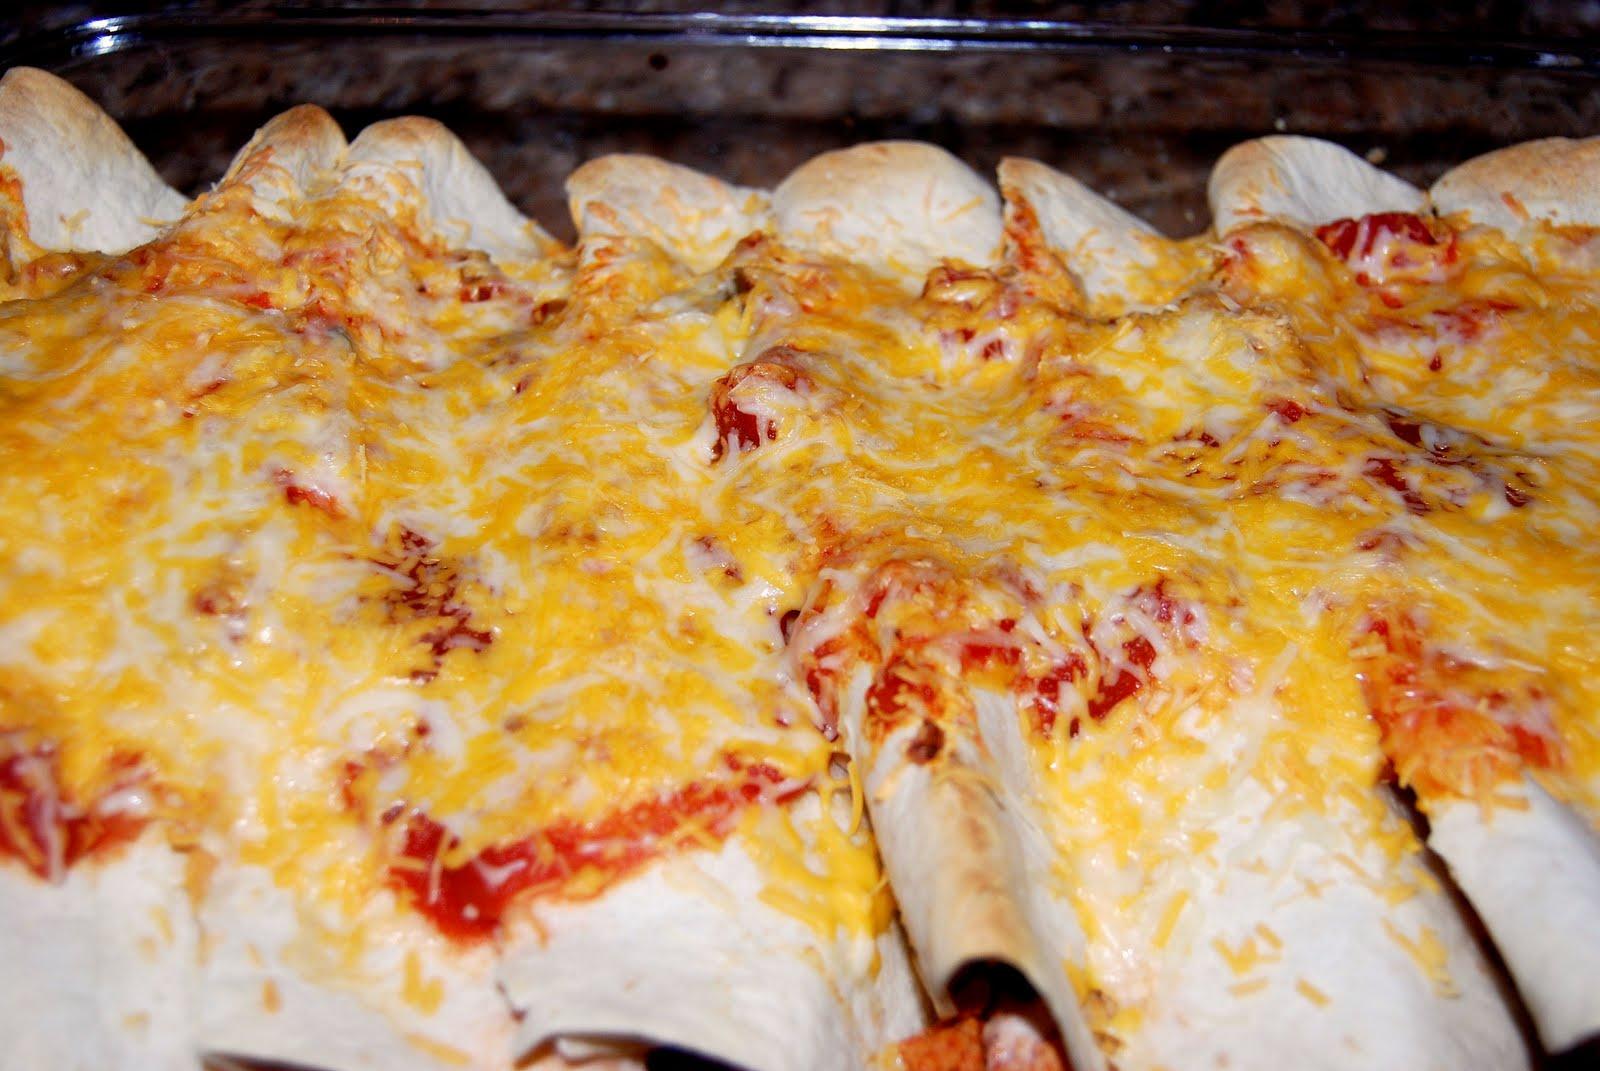 Ground Turkey Enchiladas - Macaroni and Cheesecake